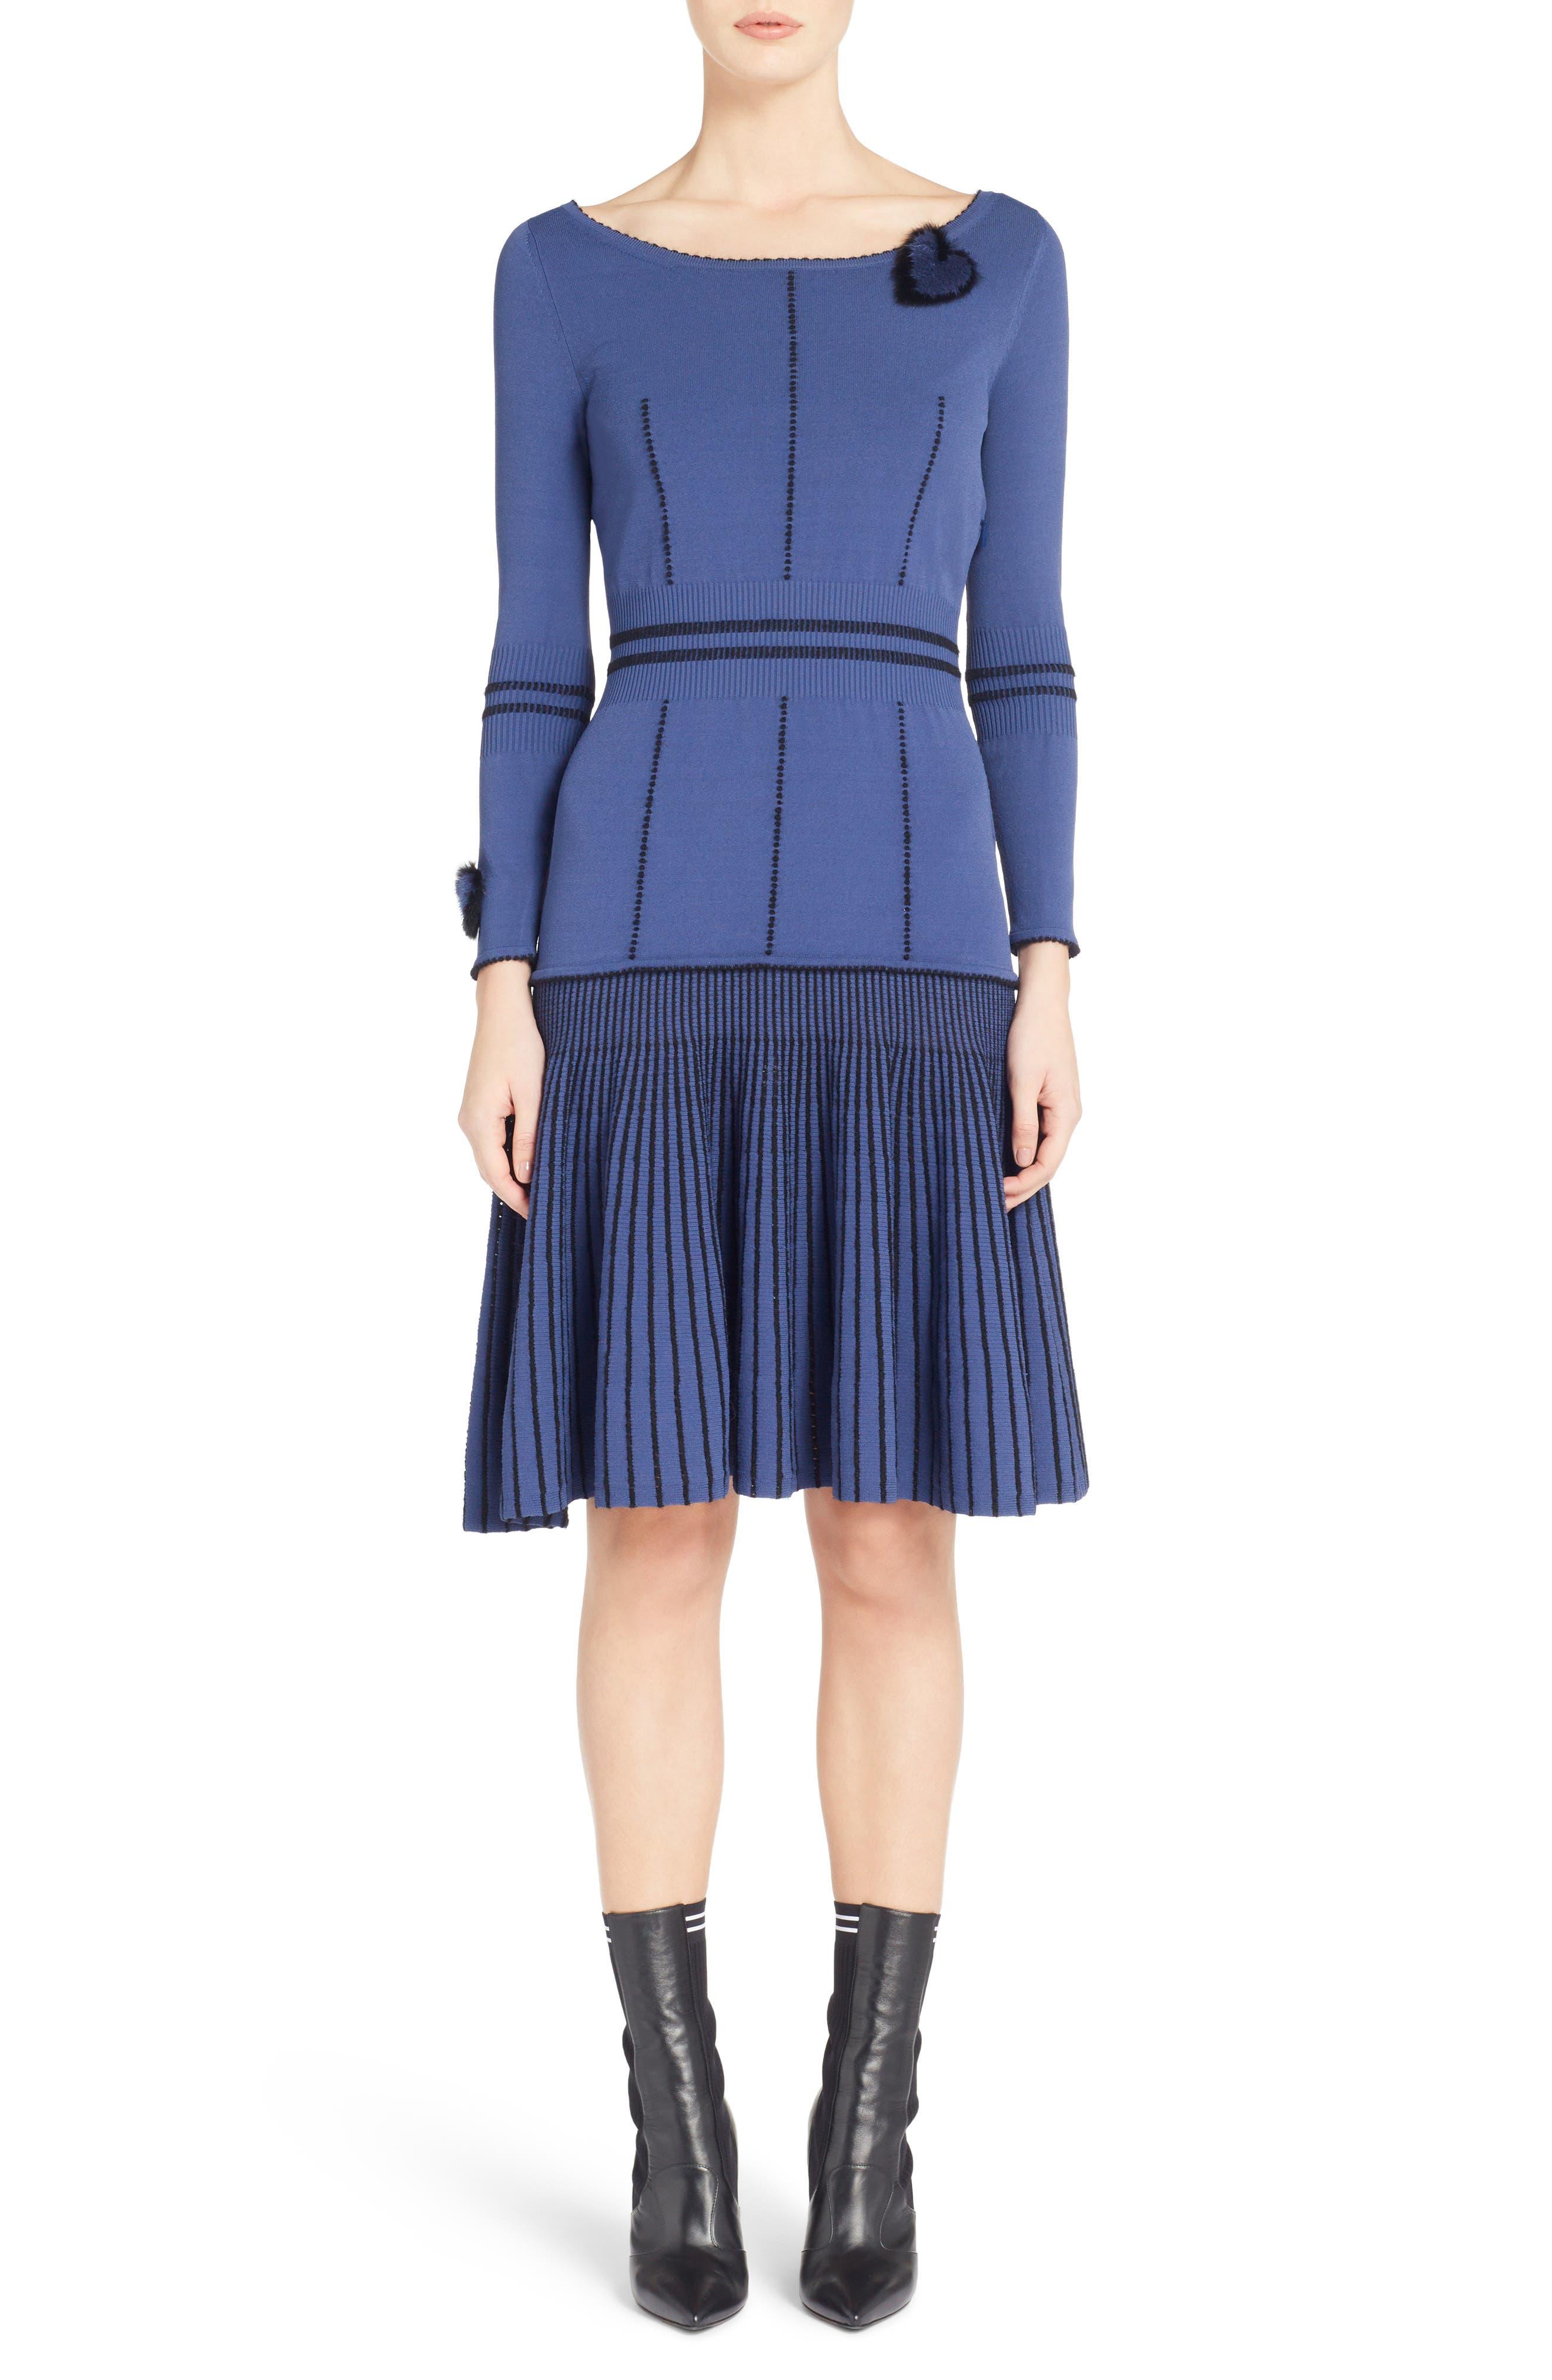 Knit Drop Waist Dress with Genuine Mink Fur Trim, Main, color, BLUE